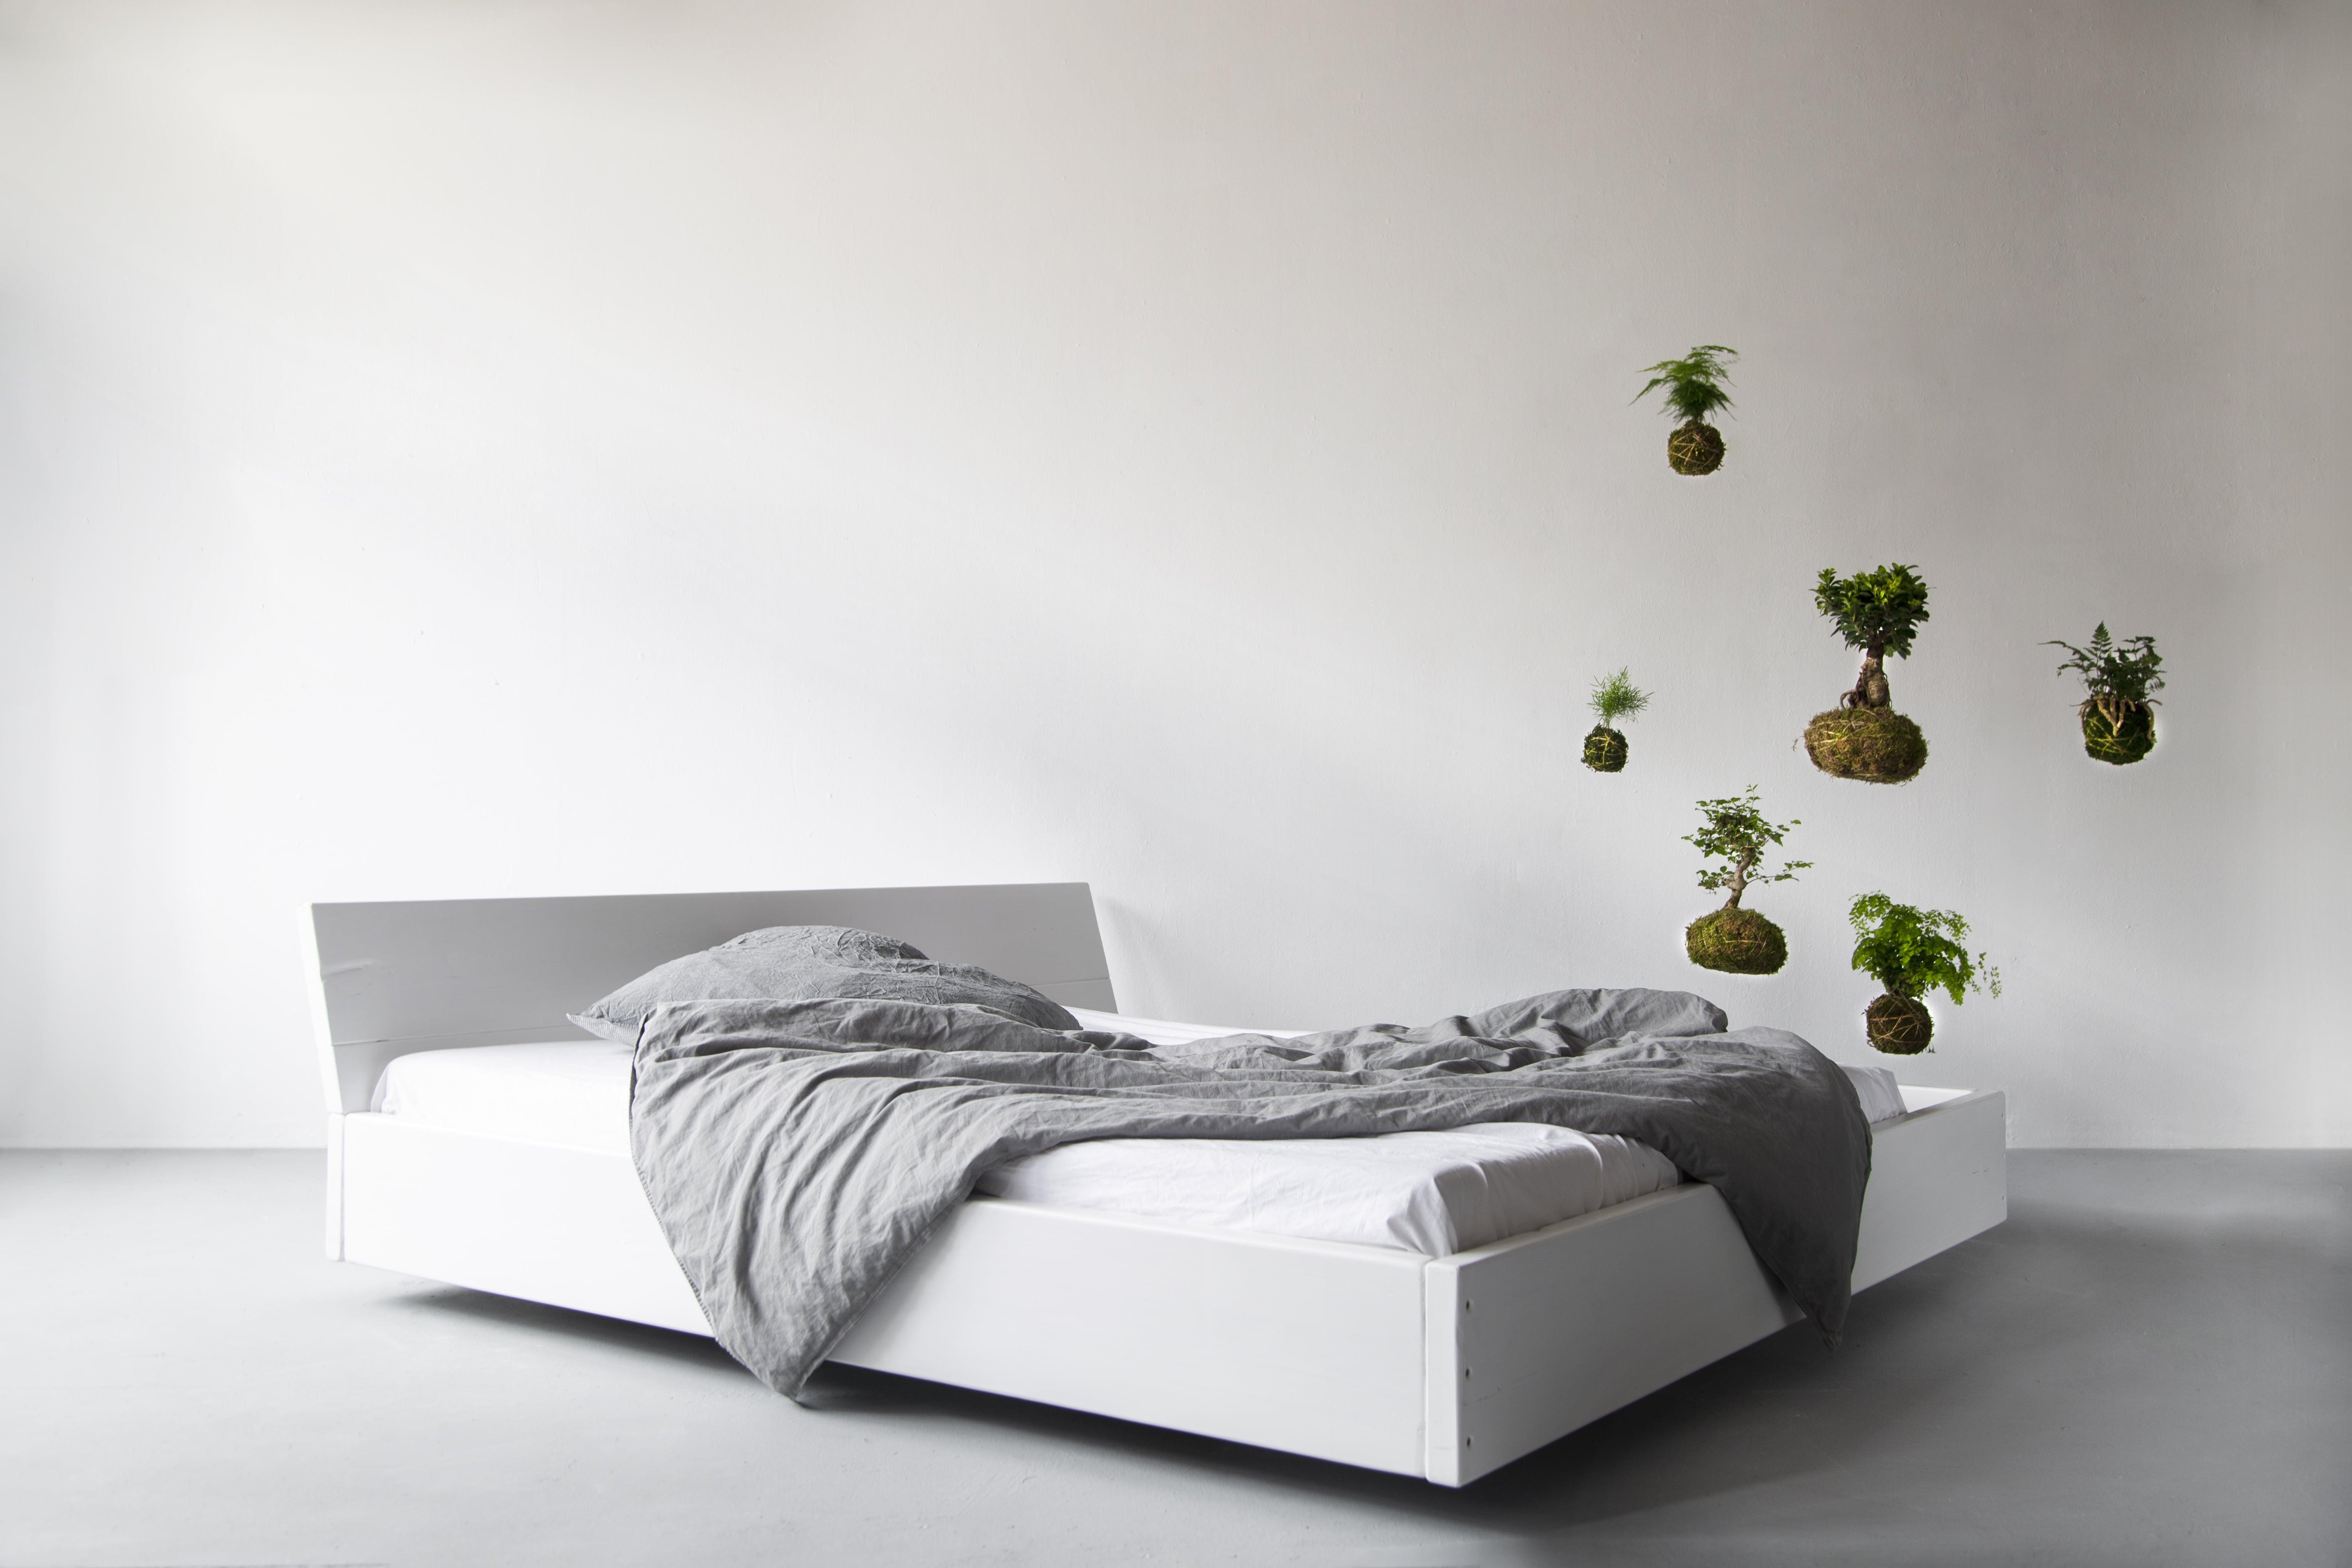 Das rustikale Bett aus Bauholz vereint Natur und Handarbeit und zeigt, wie Bauholzdesign heute funktioniert. Der Schwebeeffekt ist Lussans einzigartiges Merkmal und bringt in Kombination mit dem white washed Finish Leichtigkeit und einen Hauch Landhausstil in dein Schlafzimmer.